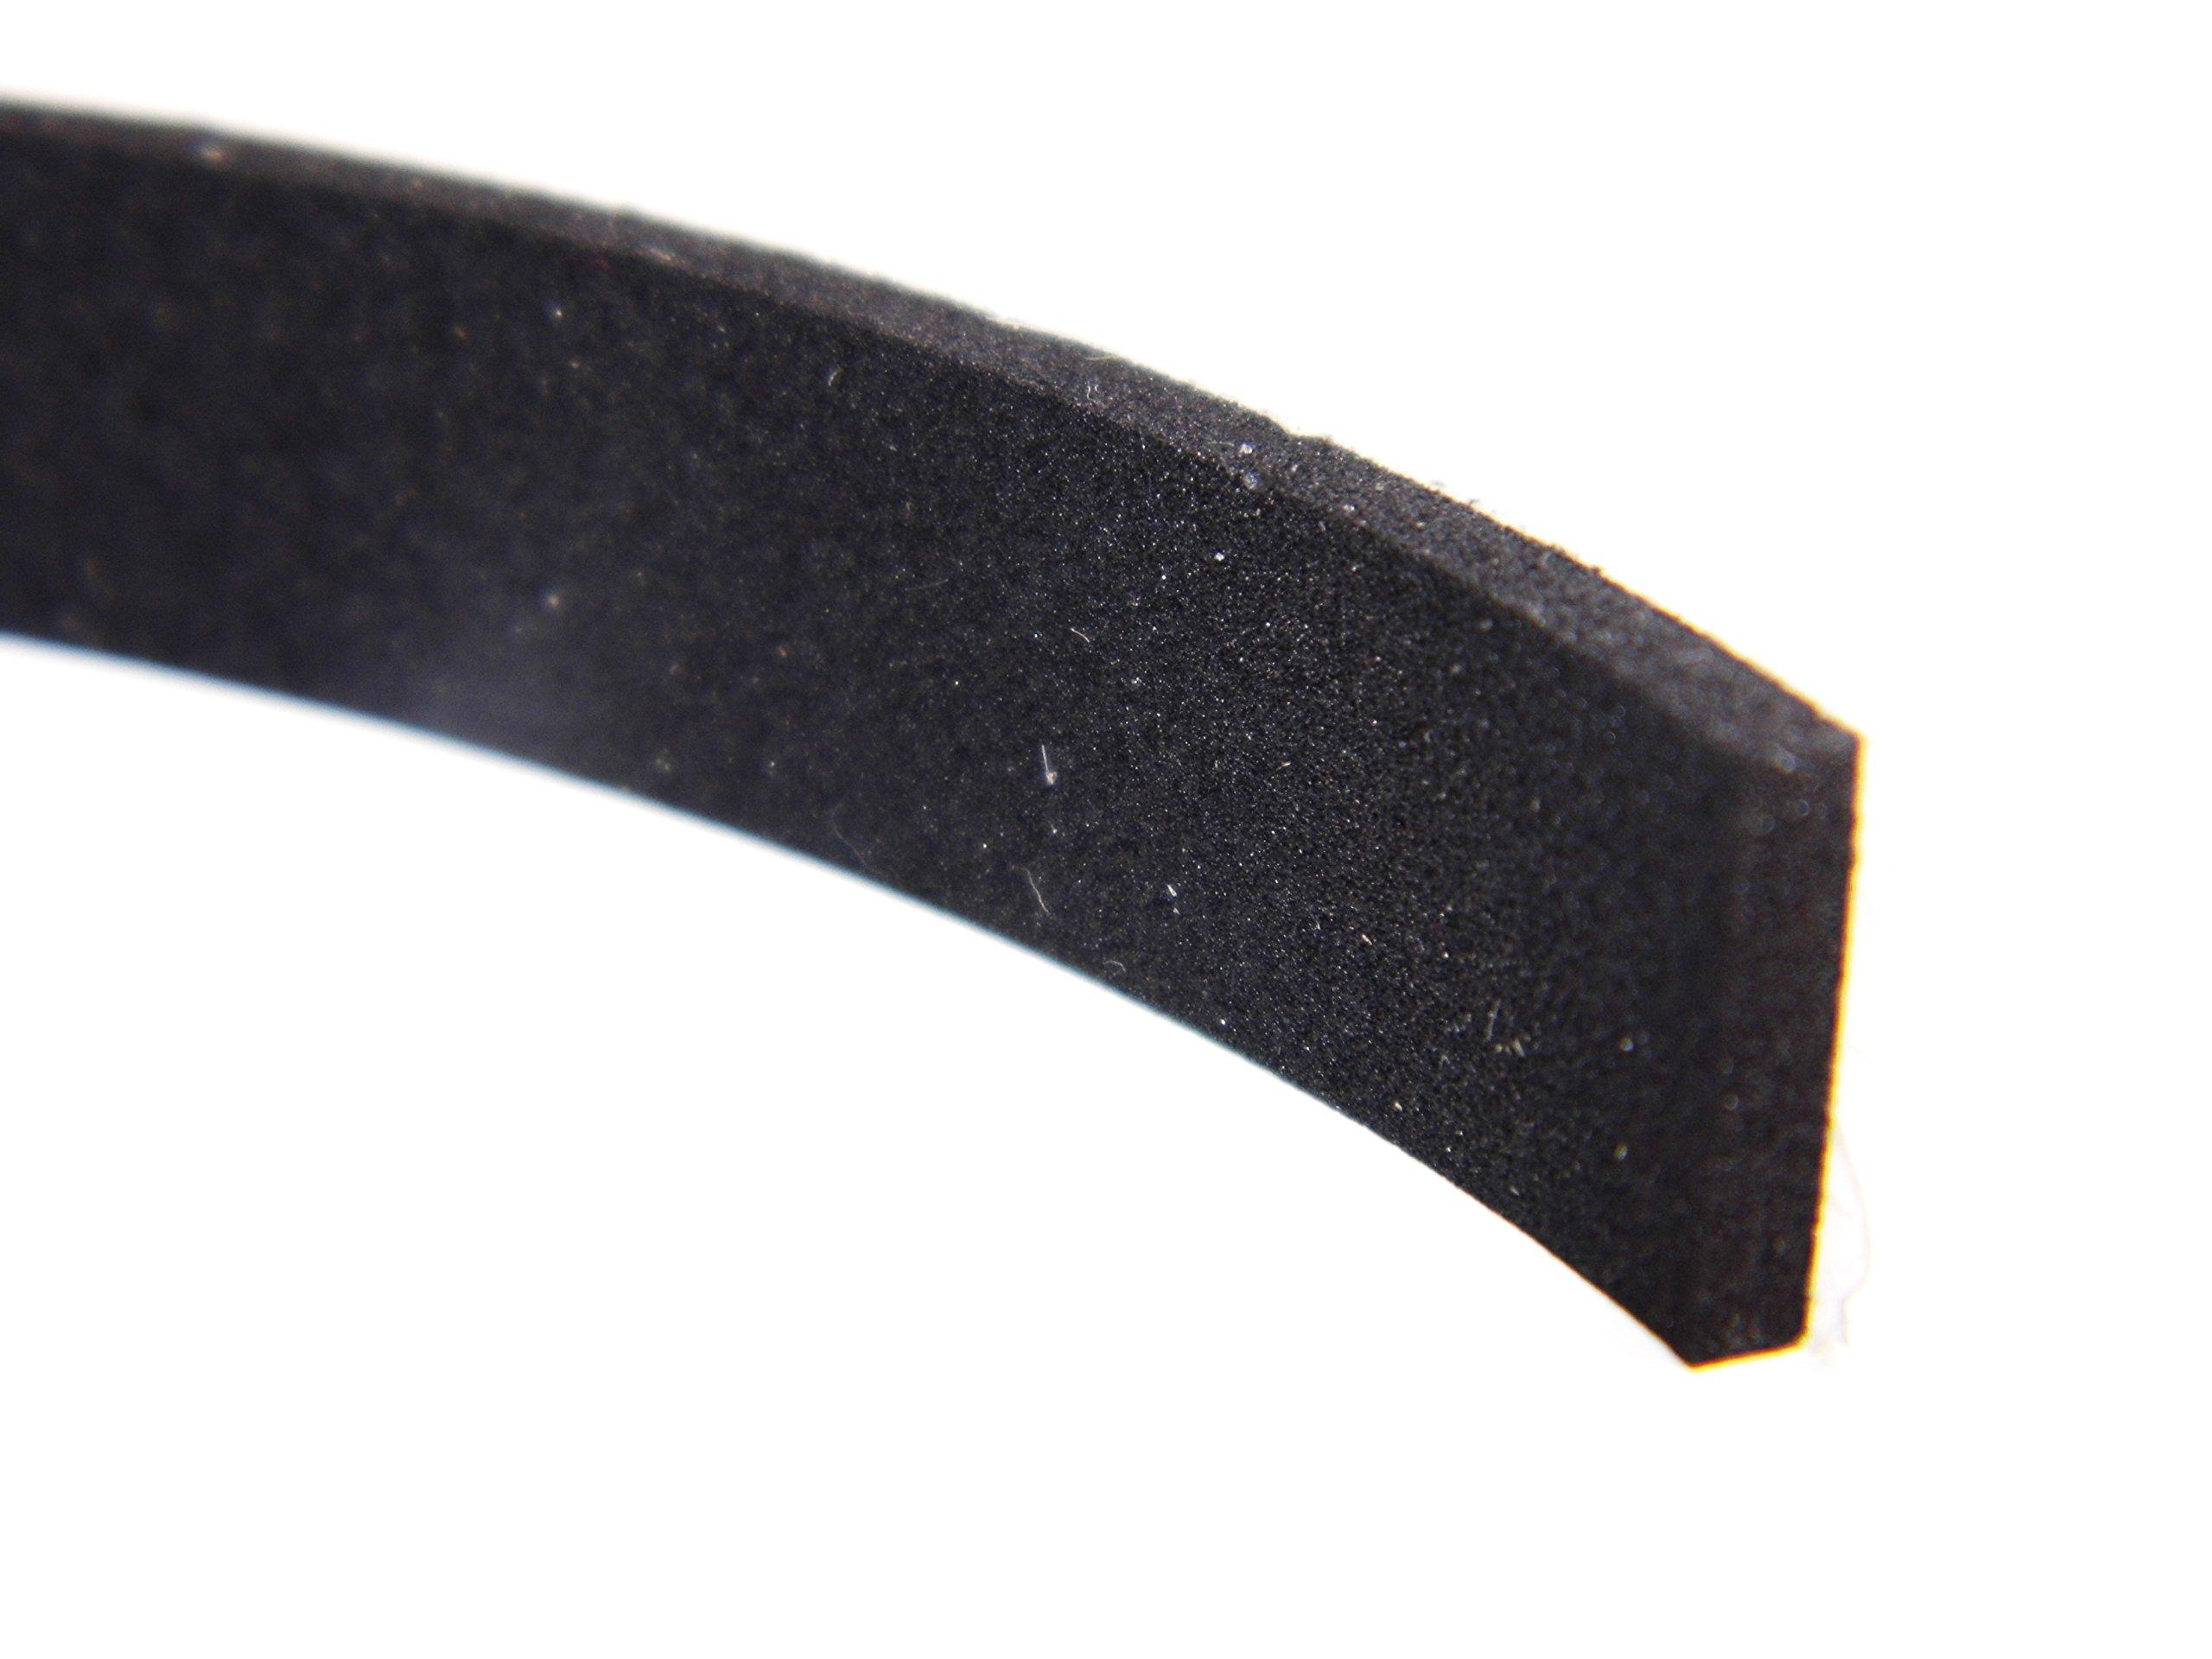 Bande d/étanch/éit/é en mousse Bande adh/ésive et joint d/étanch/éit/é - n/° 1 pour la table de cuisson et la plaque vitroc/éramique - 5 m de long - auto-adh/ésive sur une face - compressible